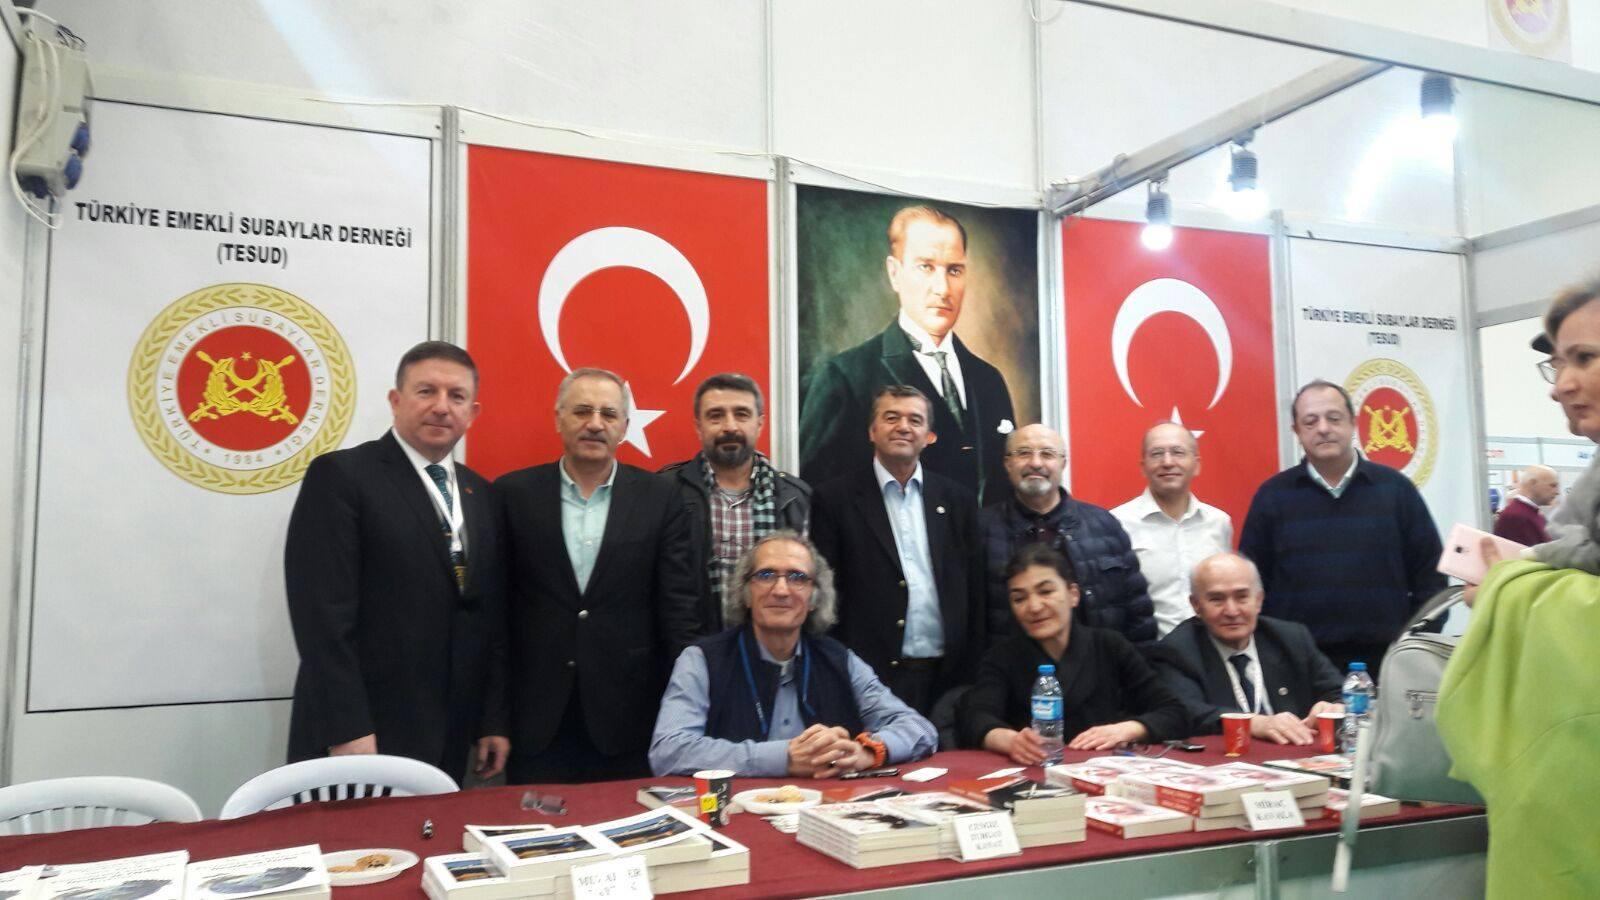 Ankara Kitap Fuarında 10. ve son gün faaliyetleri tamamlanmıştır.